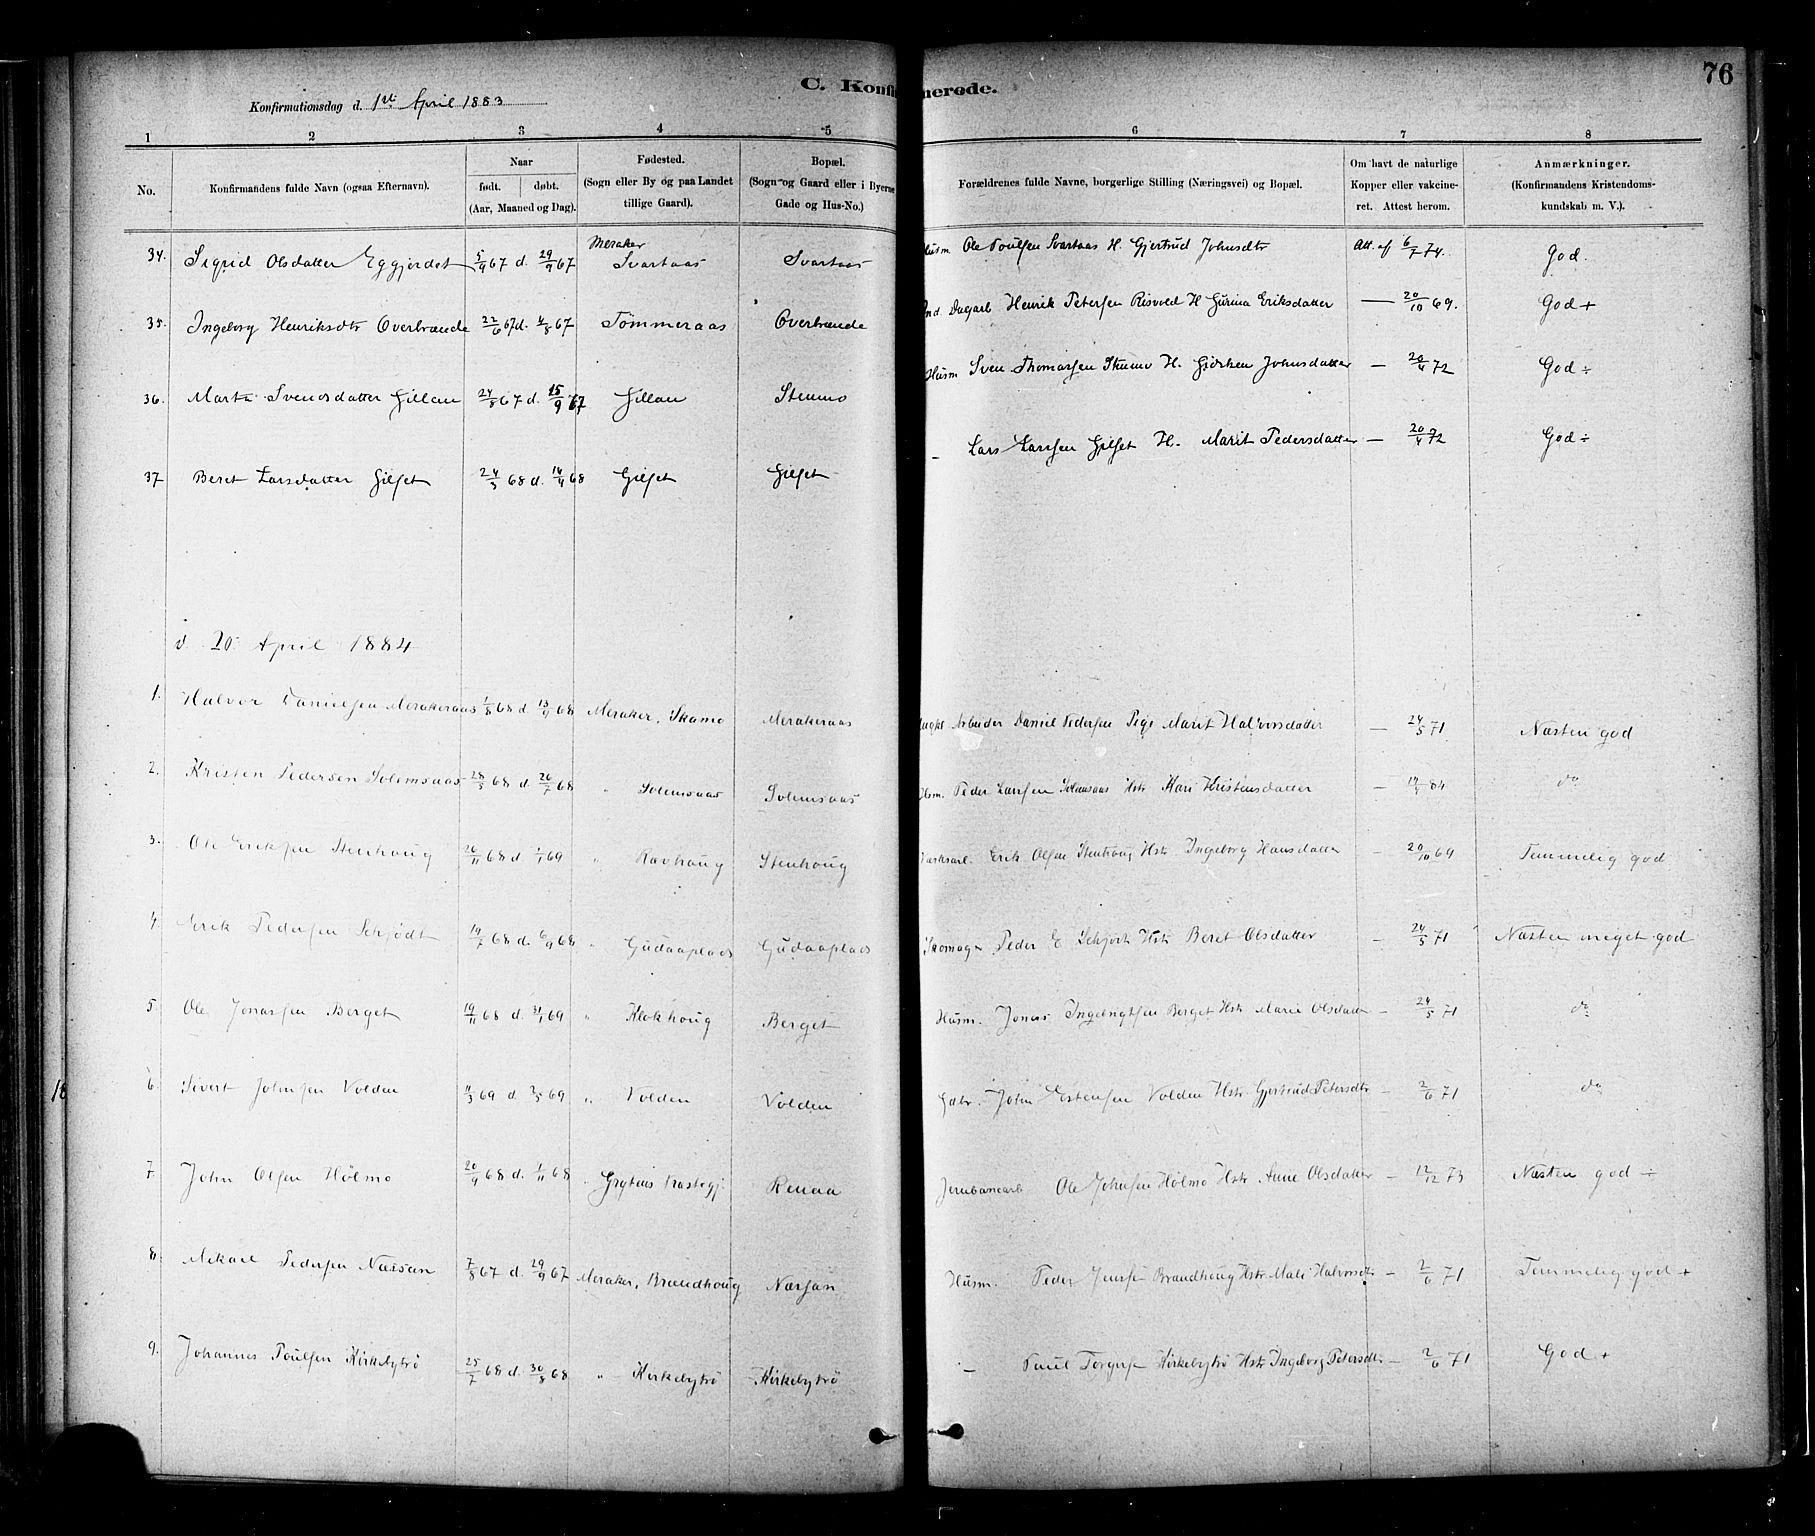 SAT, Ministerialprotokoller, klokkerbøker og fødselsregistre - Nord-Trøndelag, 706/L0047: Ministerialbok nr. 706A03, 1878-1892, s. 76